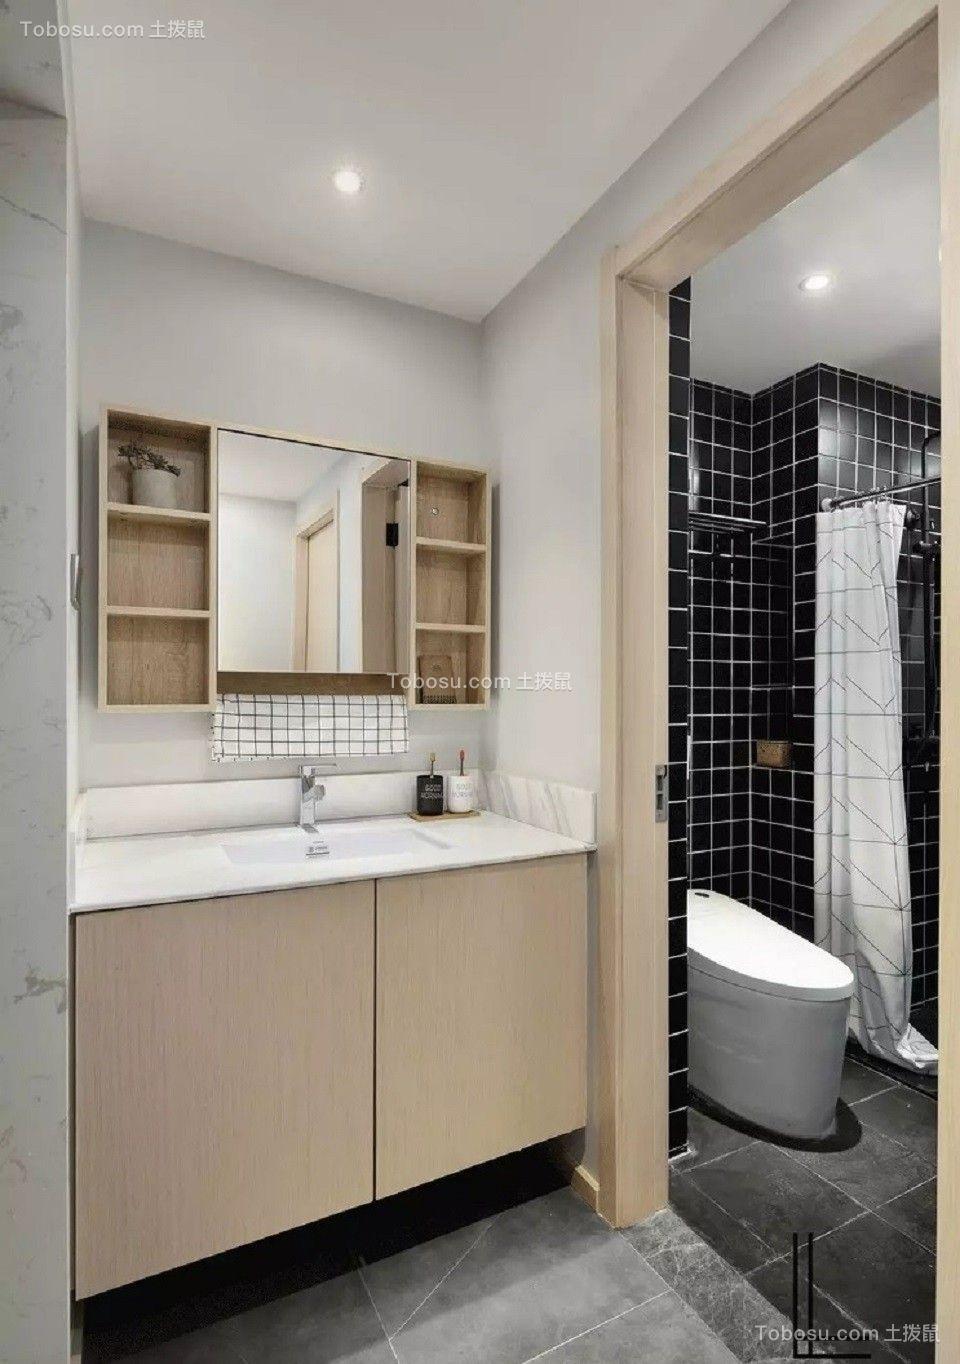 卫生间风格洗漱台北欧个性效果图设计图片qq米色名片英文图片